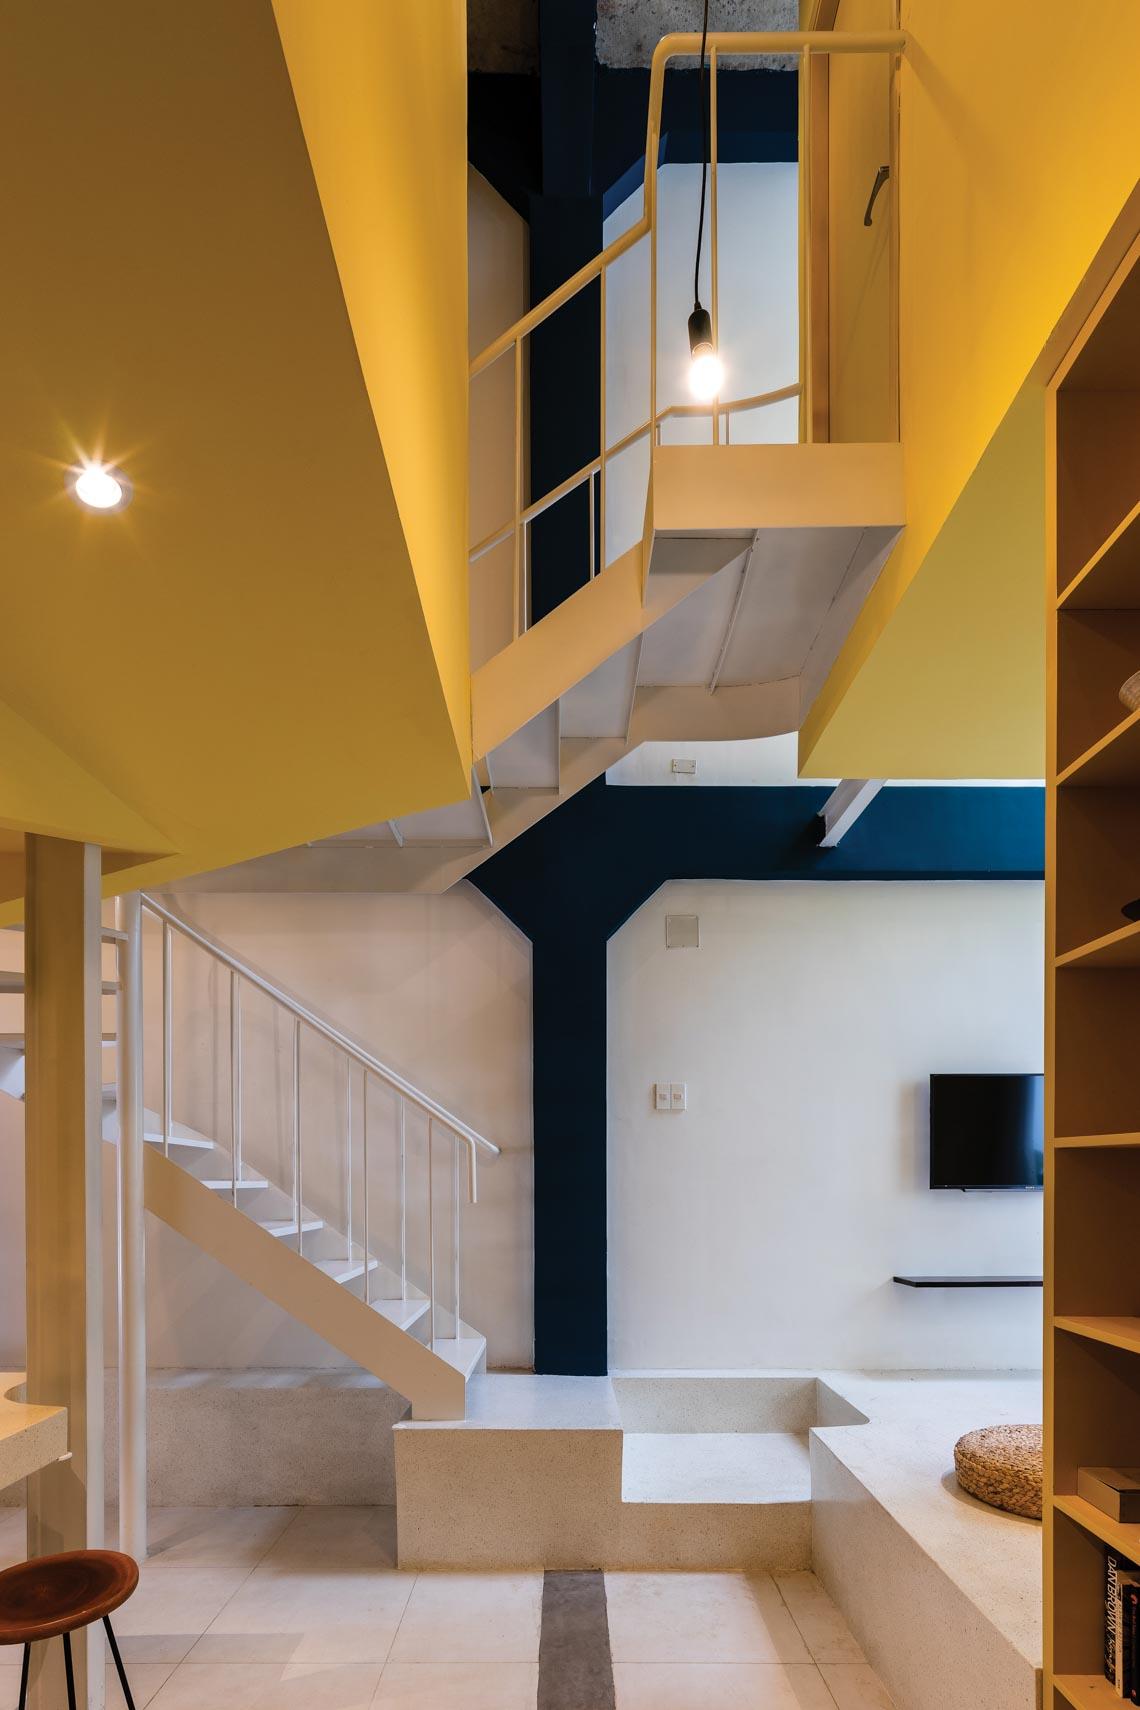 HH apartments - Những 'kén ở' trong đô thị -17